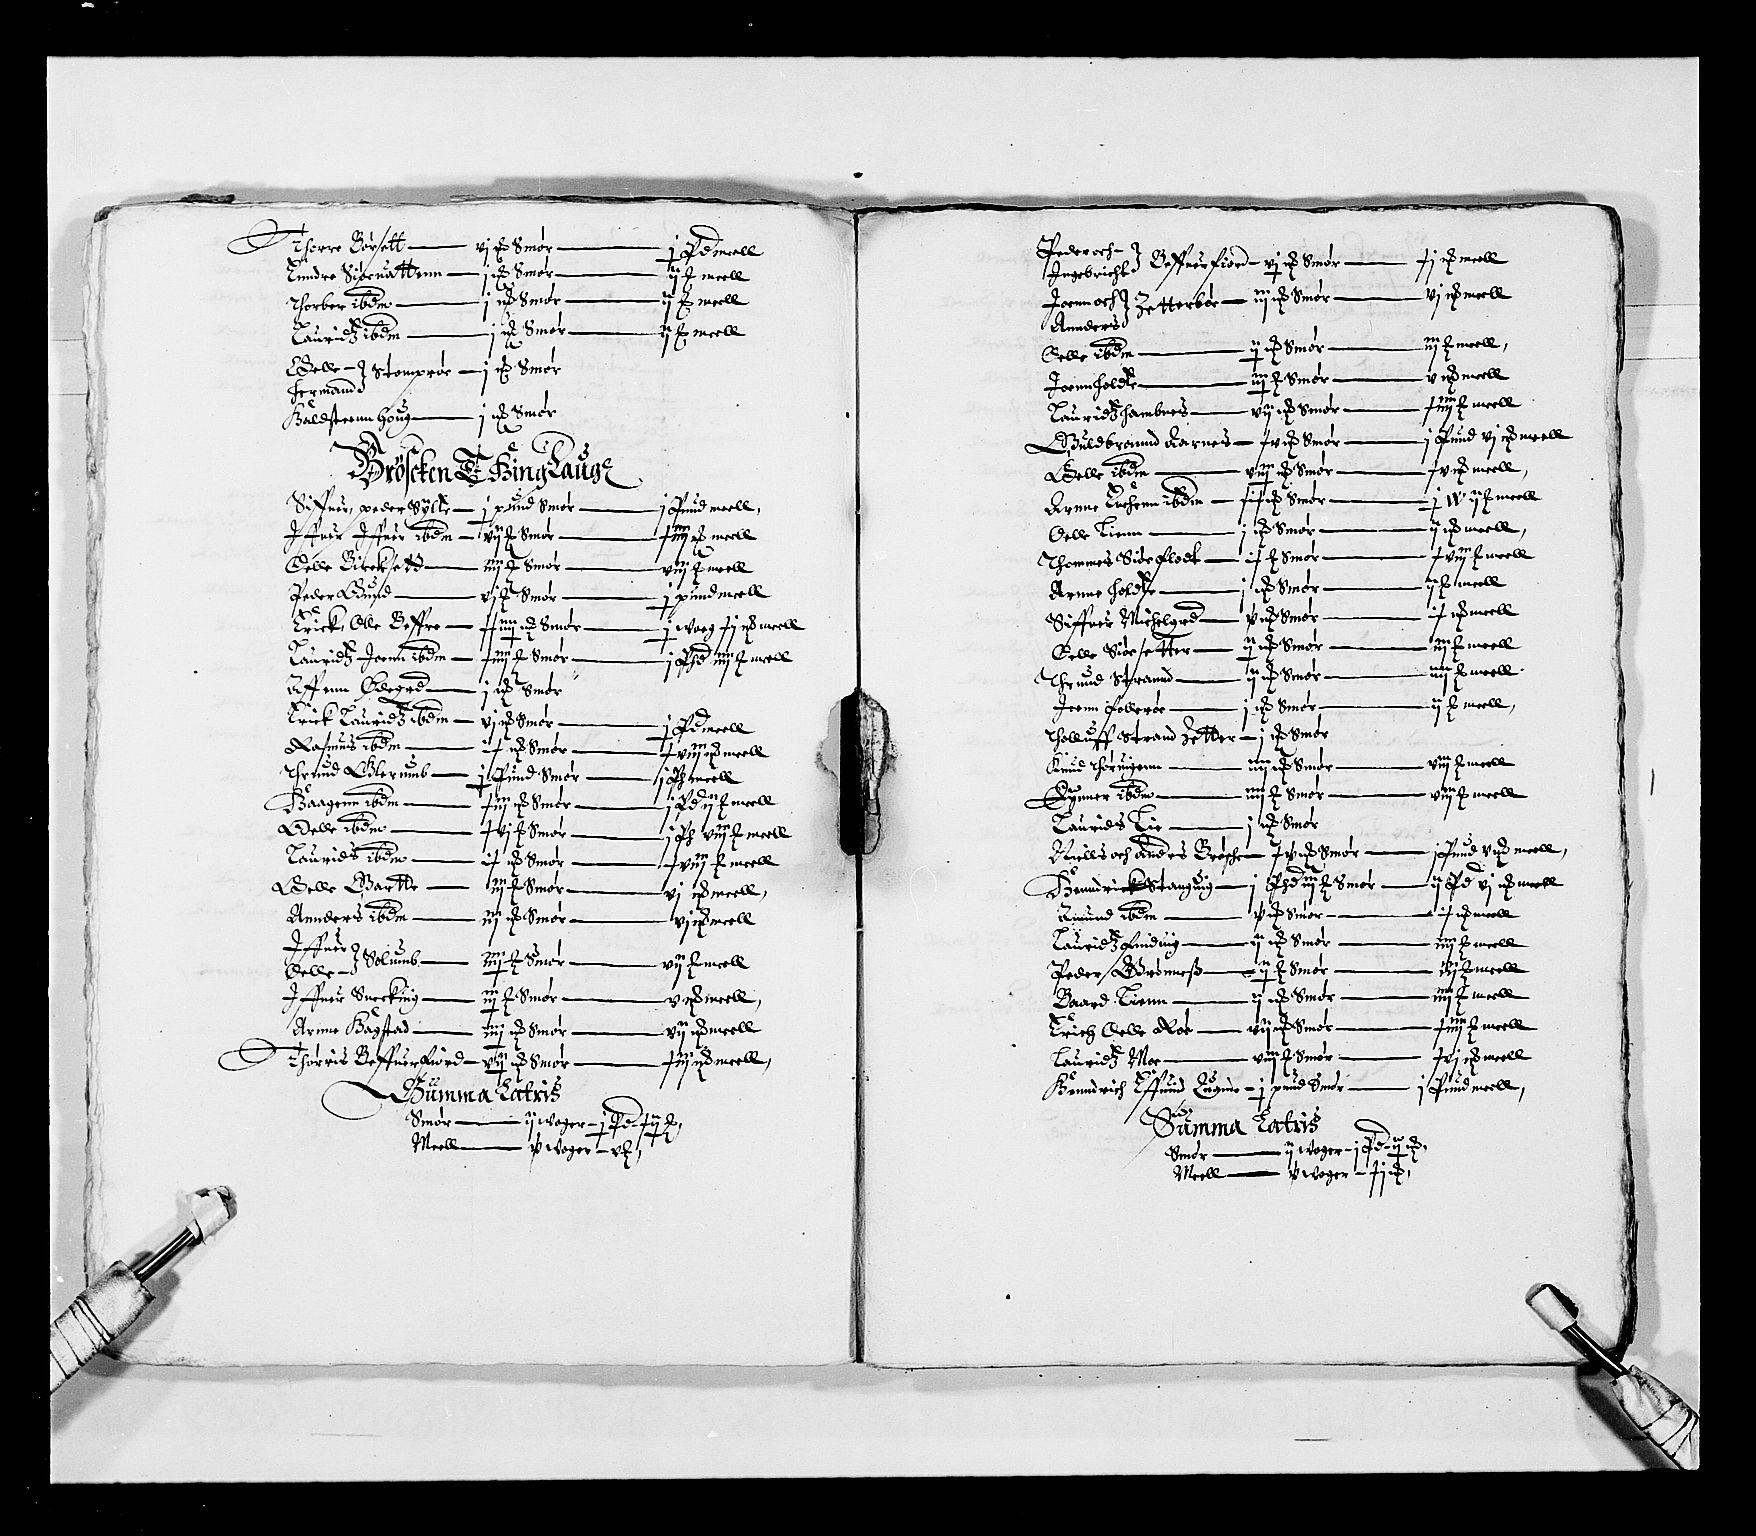 RA, Stattholderembetet 1572-1771, Ek/L0028: Jordebøker 1633-1658:, 1645-1646, s. 10